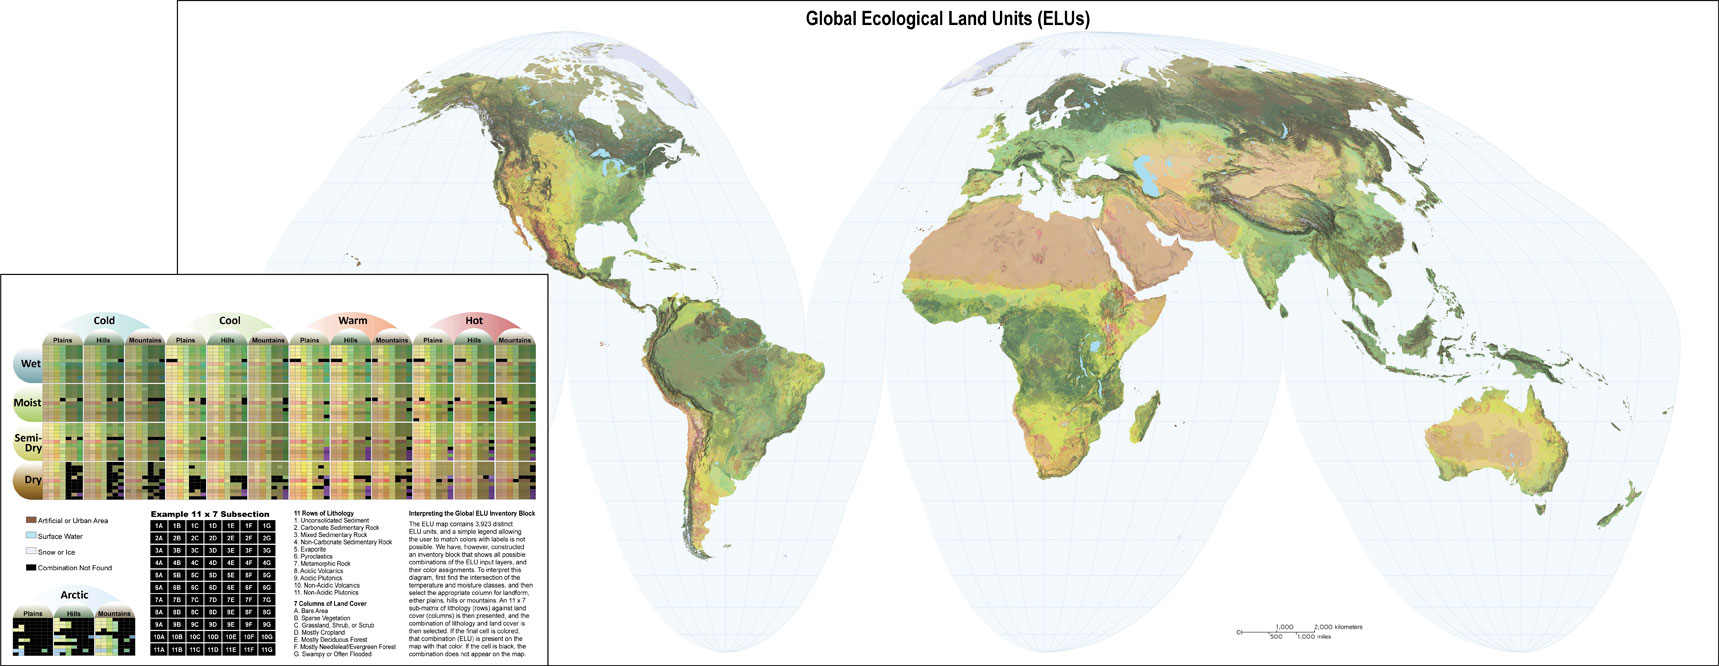 Mapa de unidades ecológicas del mundo